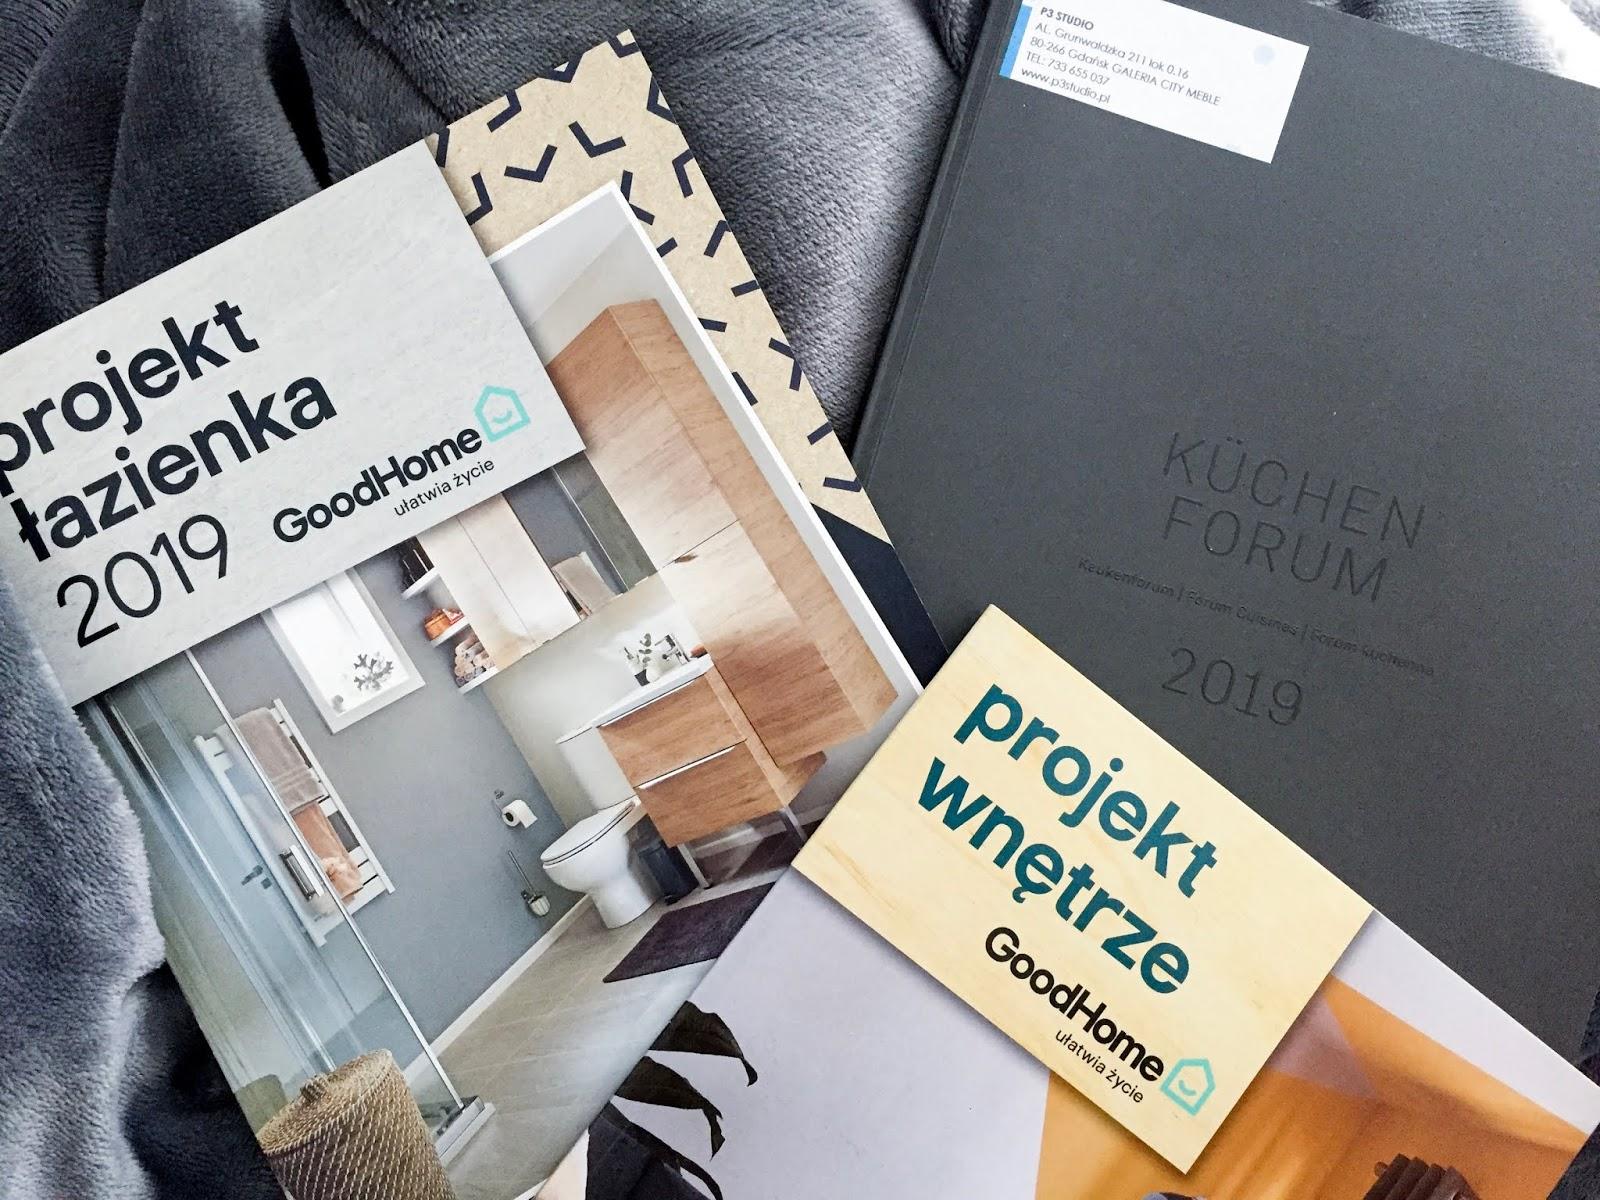 Inspiracje mieszkaniowe - kuchnia | styl skandynawski, nowoczesny, klasyczny i nowojorski